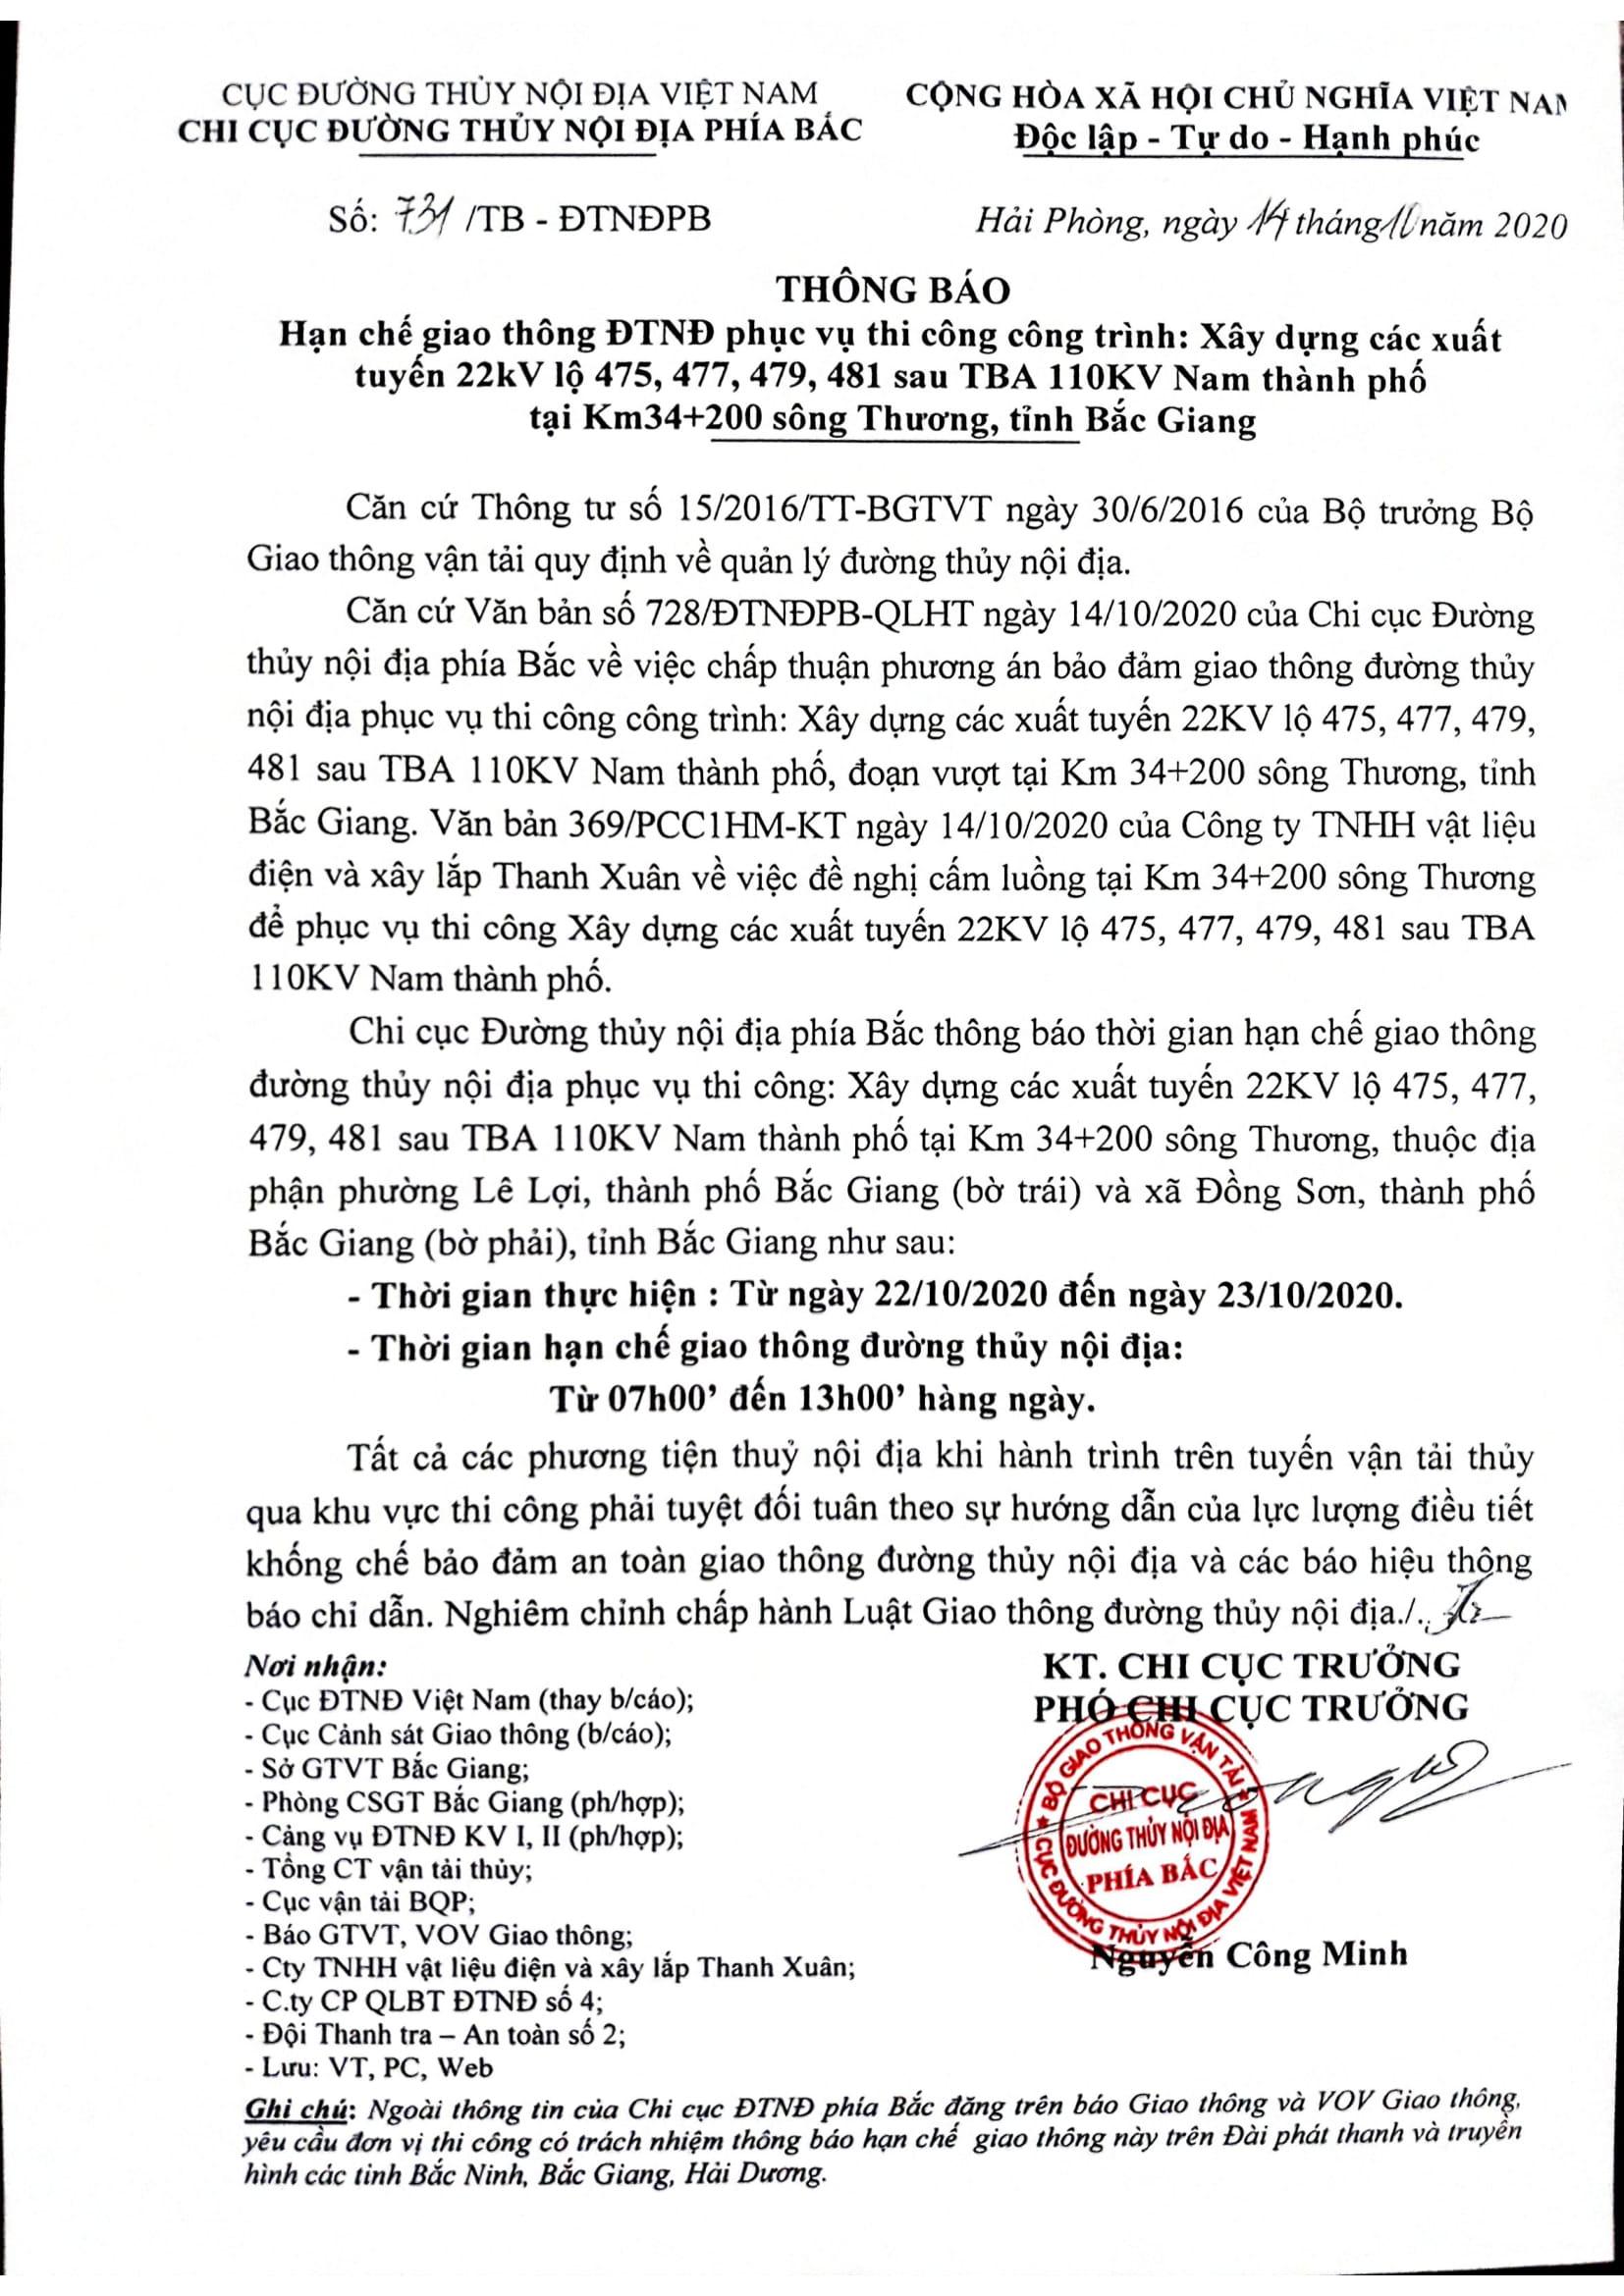 THÔNG BÁO: Hạn chế giao thông ĐTNĐ phục vụ thi công công trình: Xây dựng các xuất tuyến 22kV lộ 475, 477, 479, 481 sau TBA 110kV Nam thành phố tại Km34+200 sông Thương, tỉnh Bắc Giang